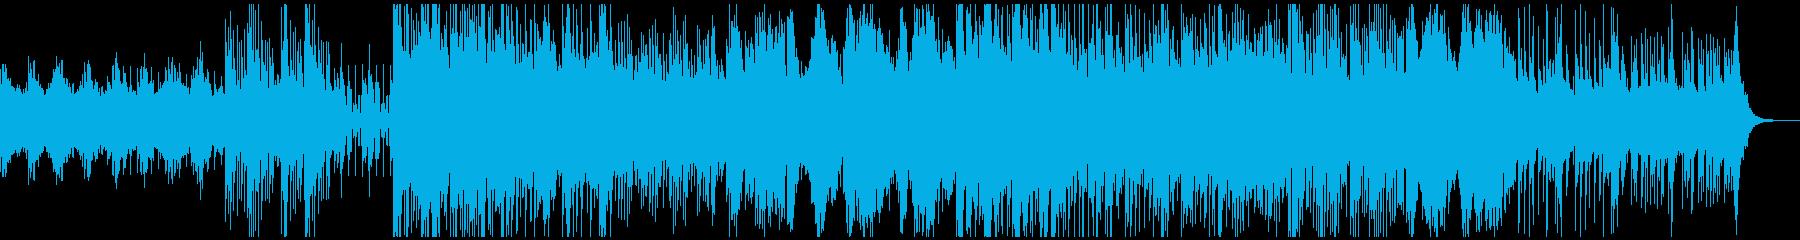 ピアノメイン、落ち着いたエレクトロニカの再生済みの波形